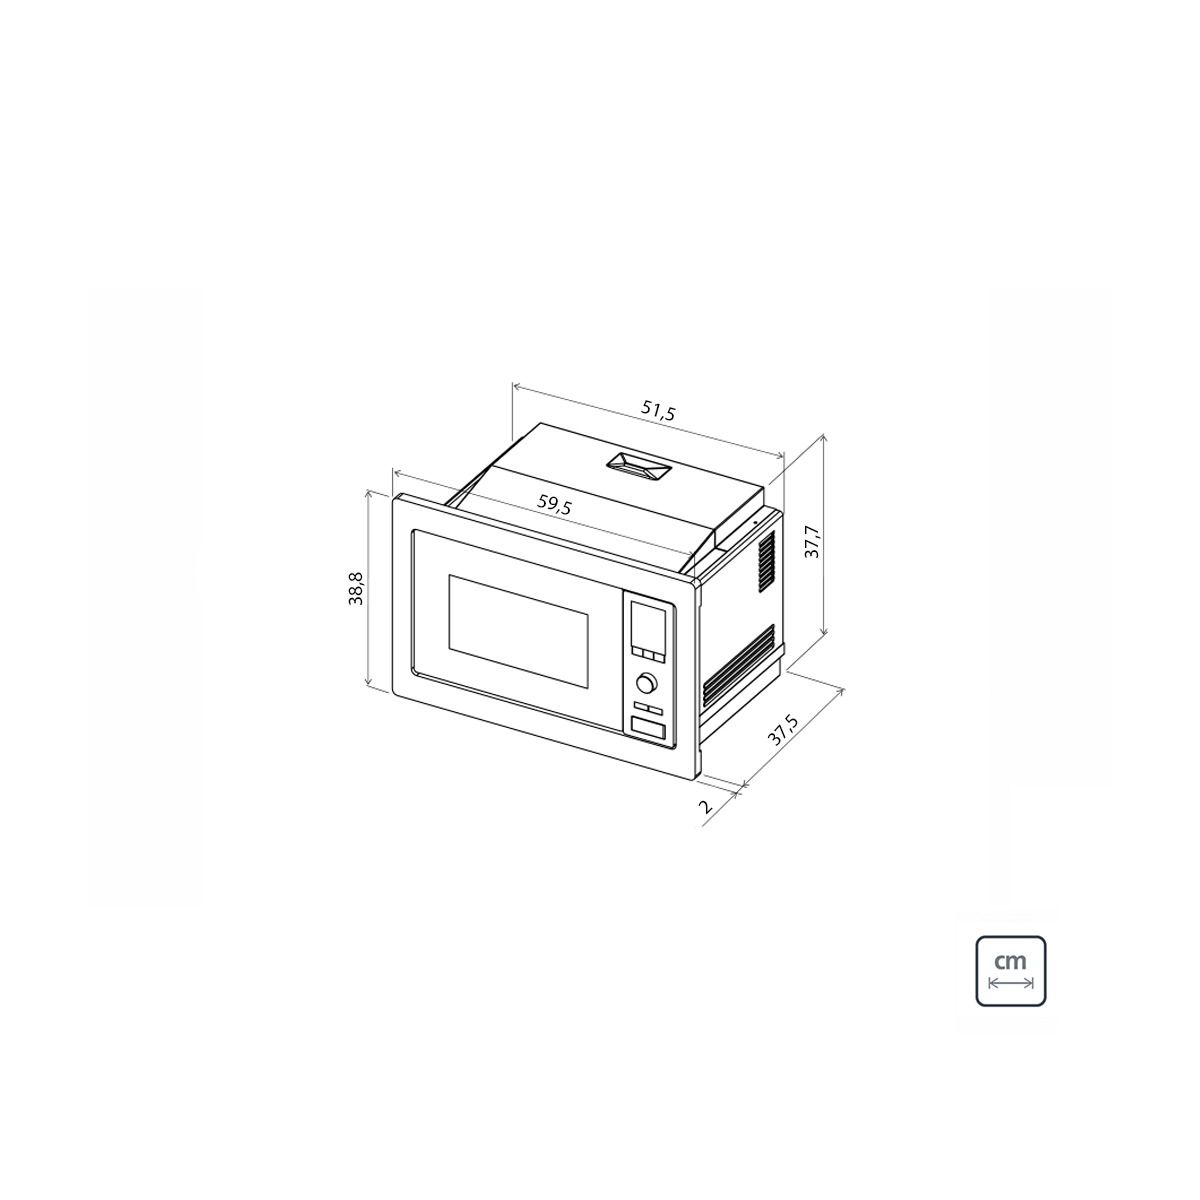 FORNO MICRO-ONDAS DE EMBUTIR 25 LITROS GLASS 60 220V - TRAMONTINA